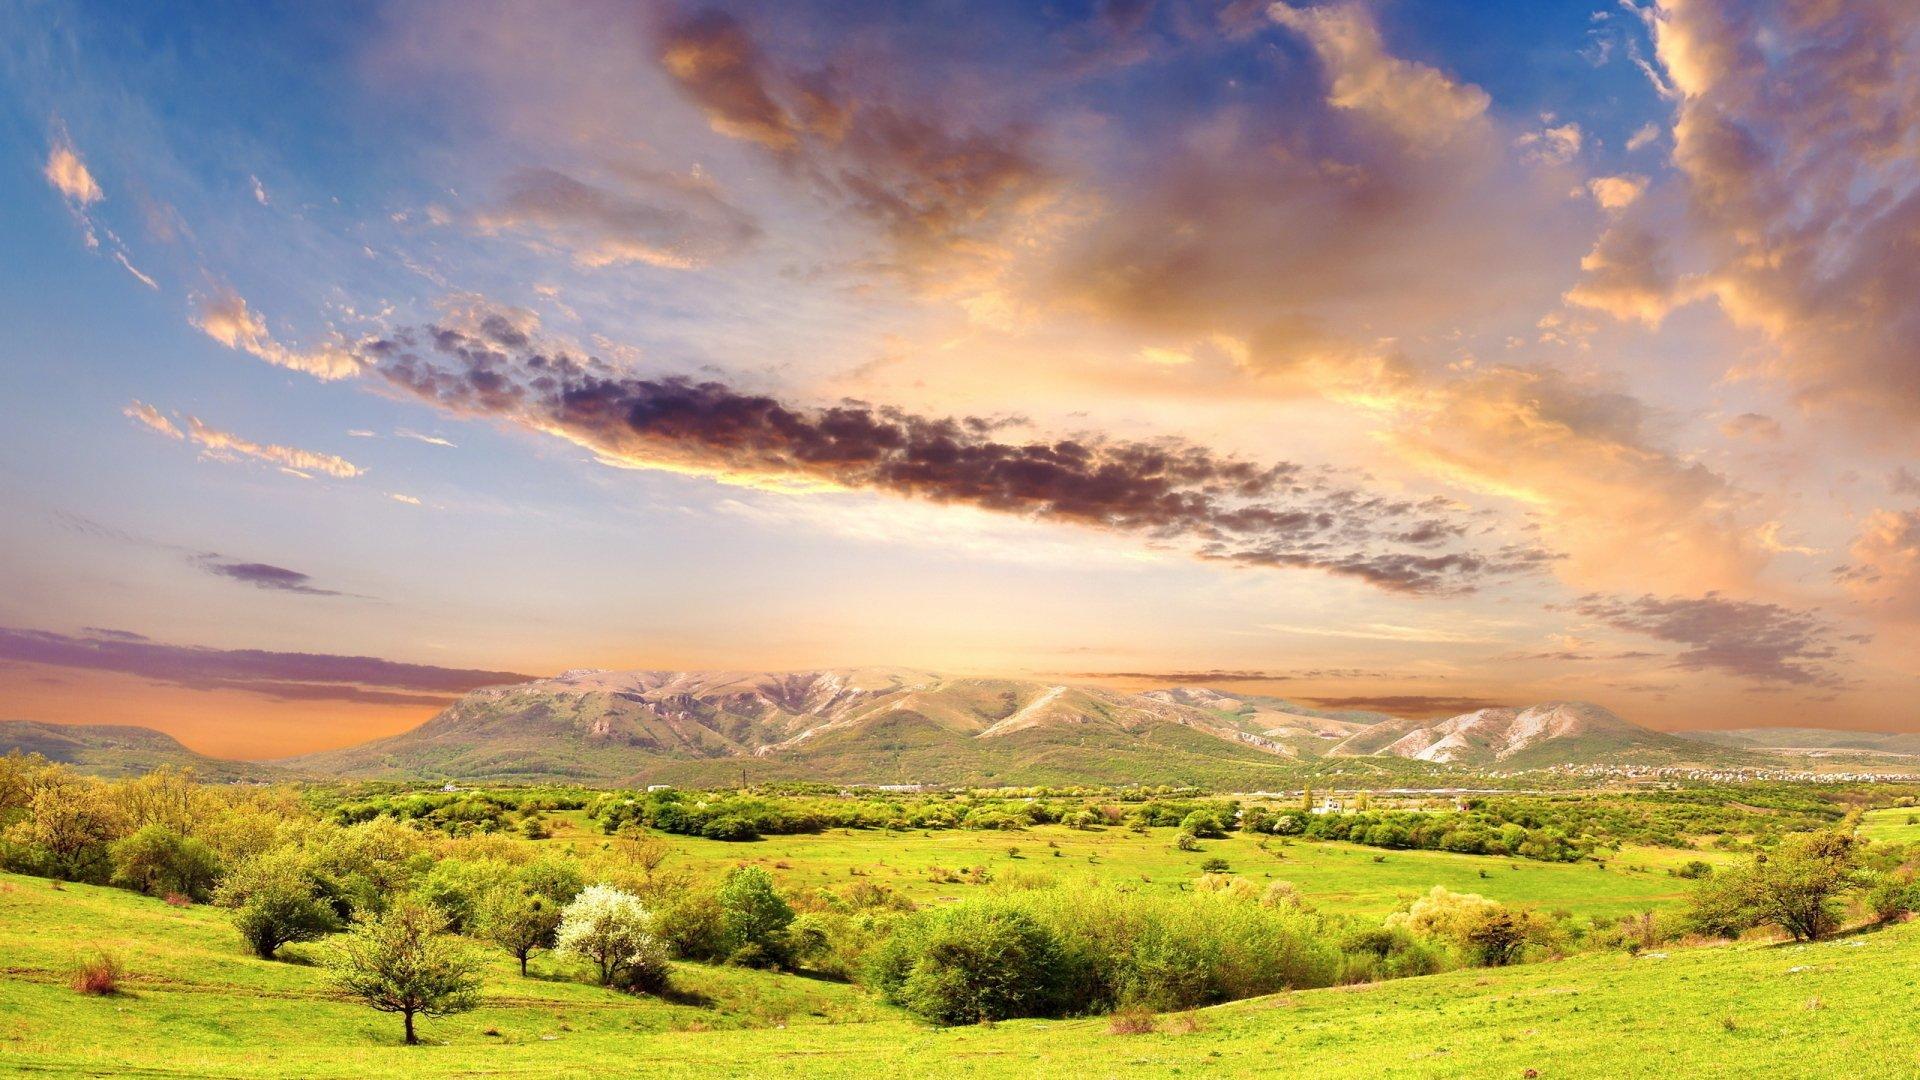 2560x1440 wallpaper landscape - photo #24